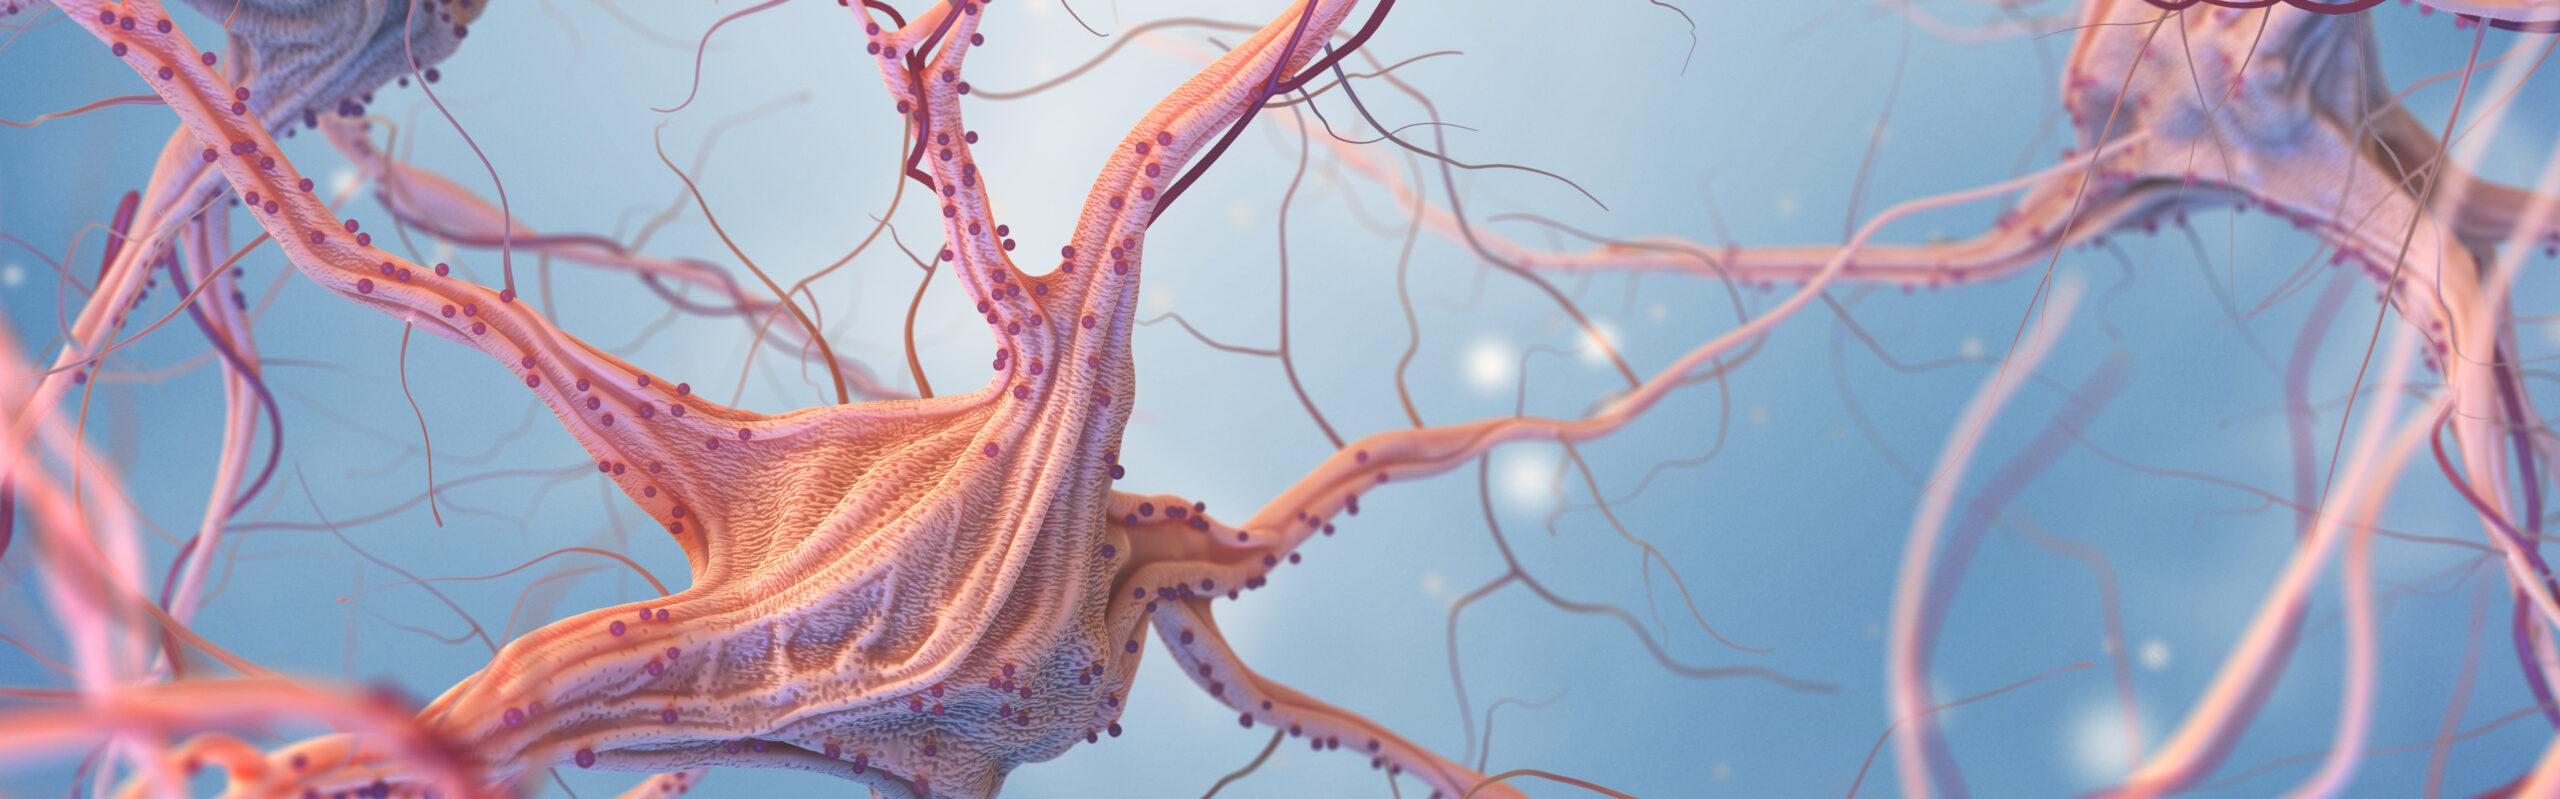 Neural Repair Image